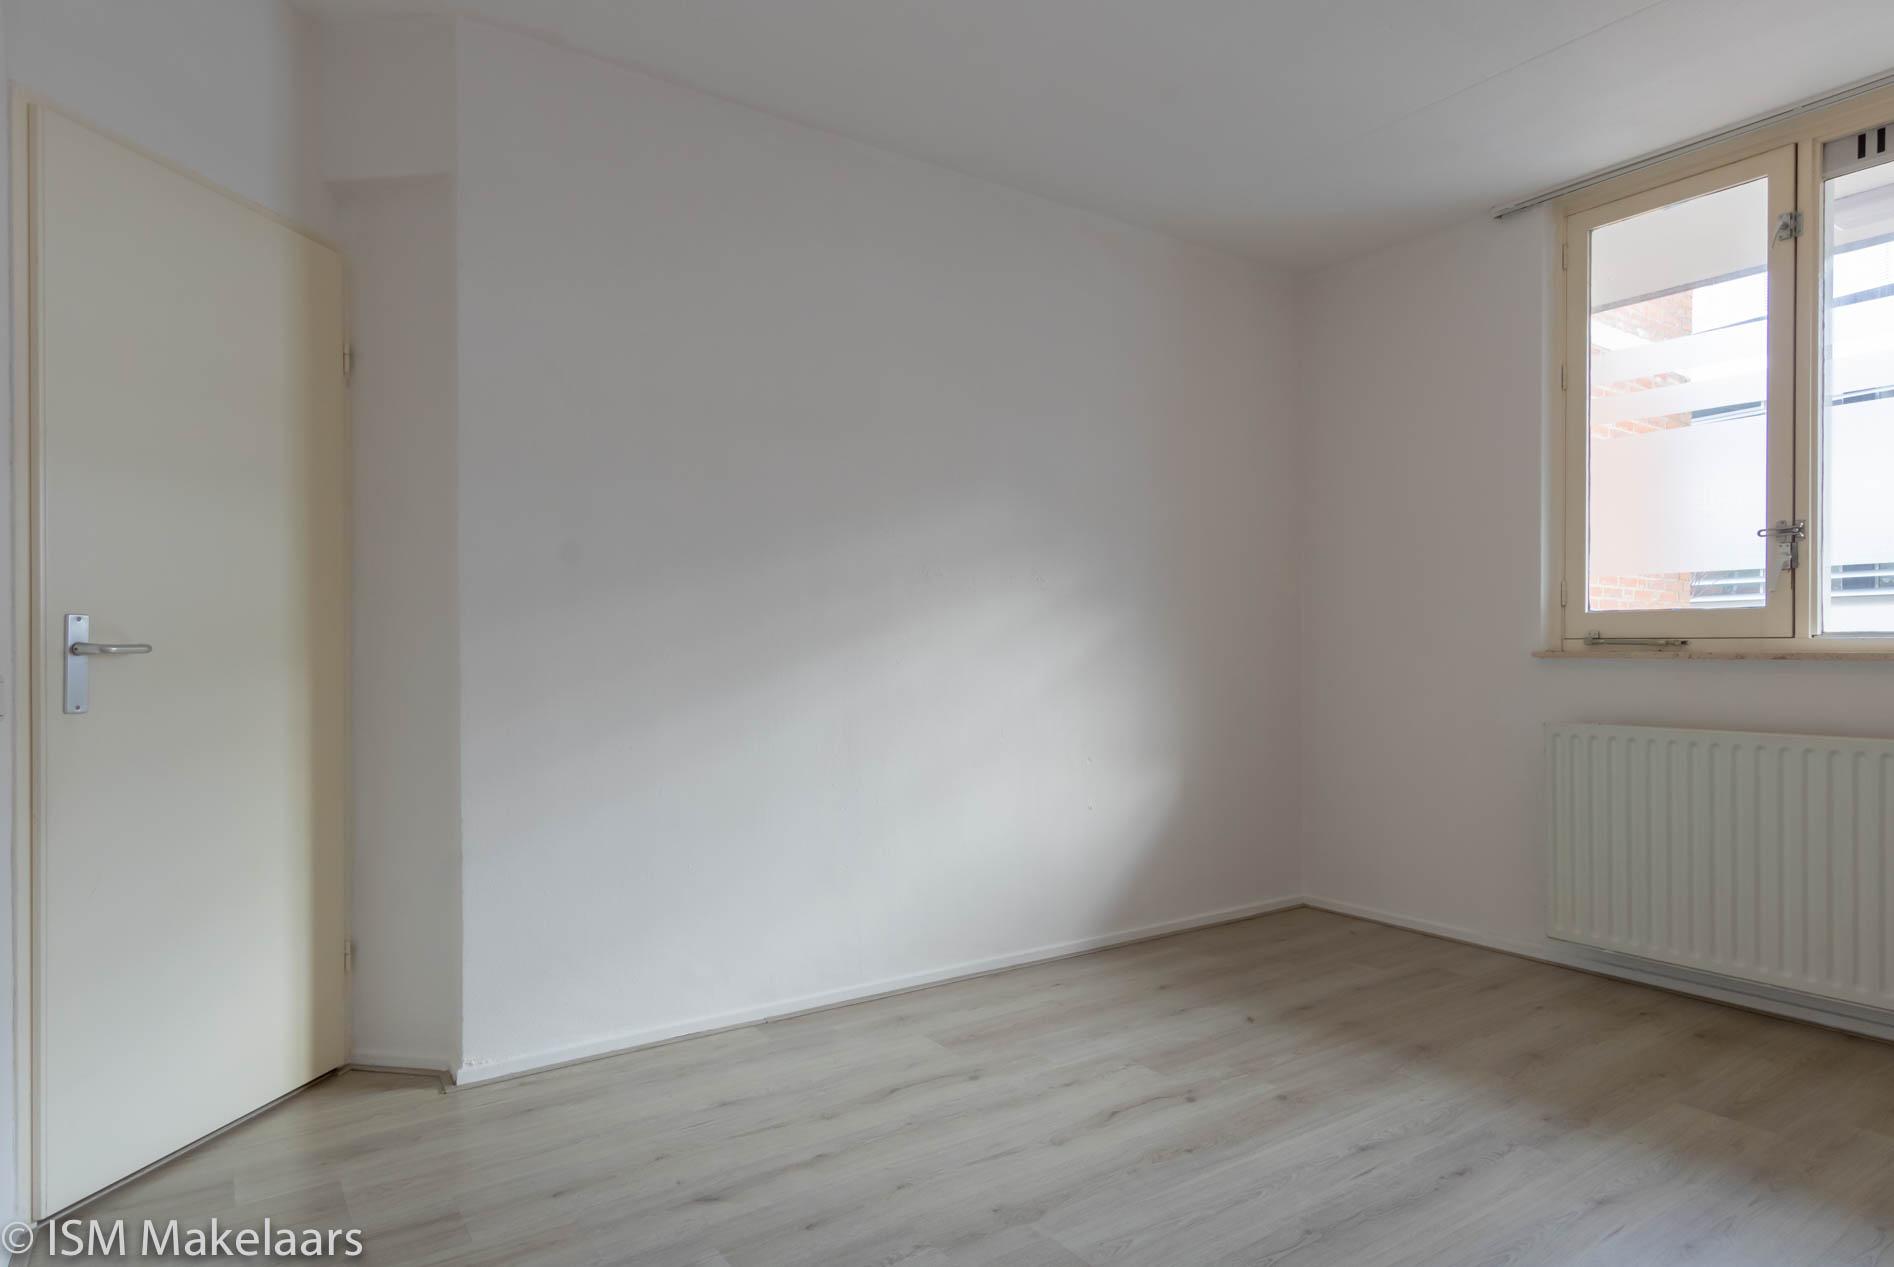 van dishoeckstraat 116 vlissingen slaapkamer ism makelaars